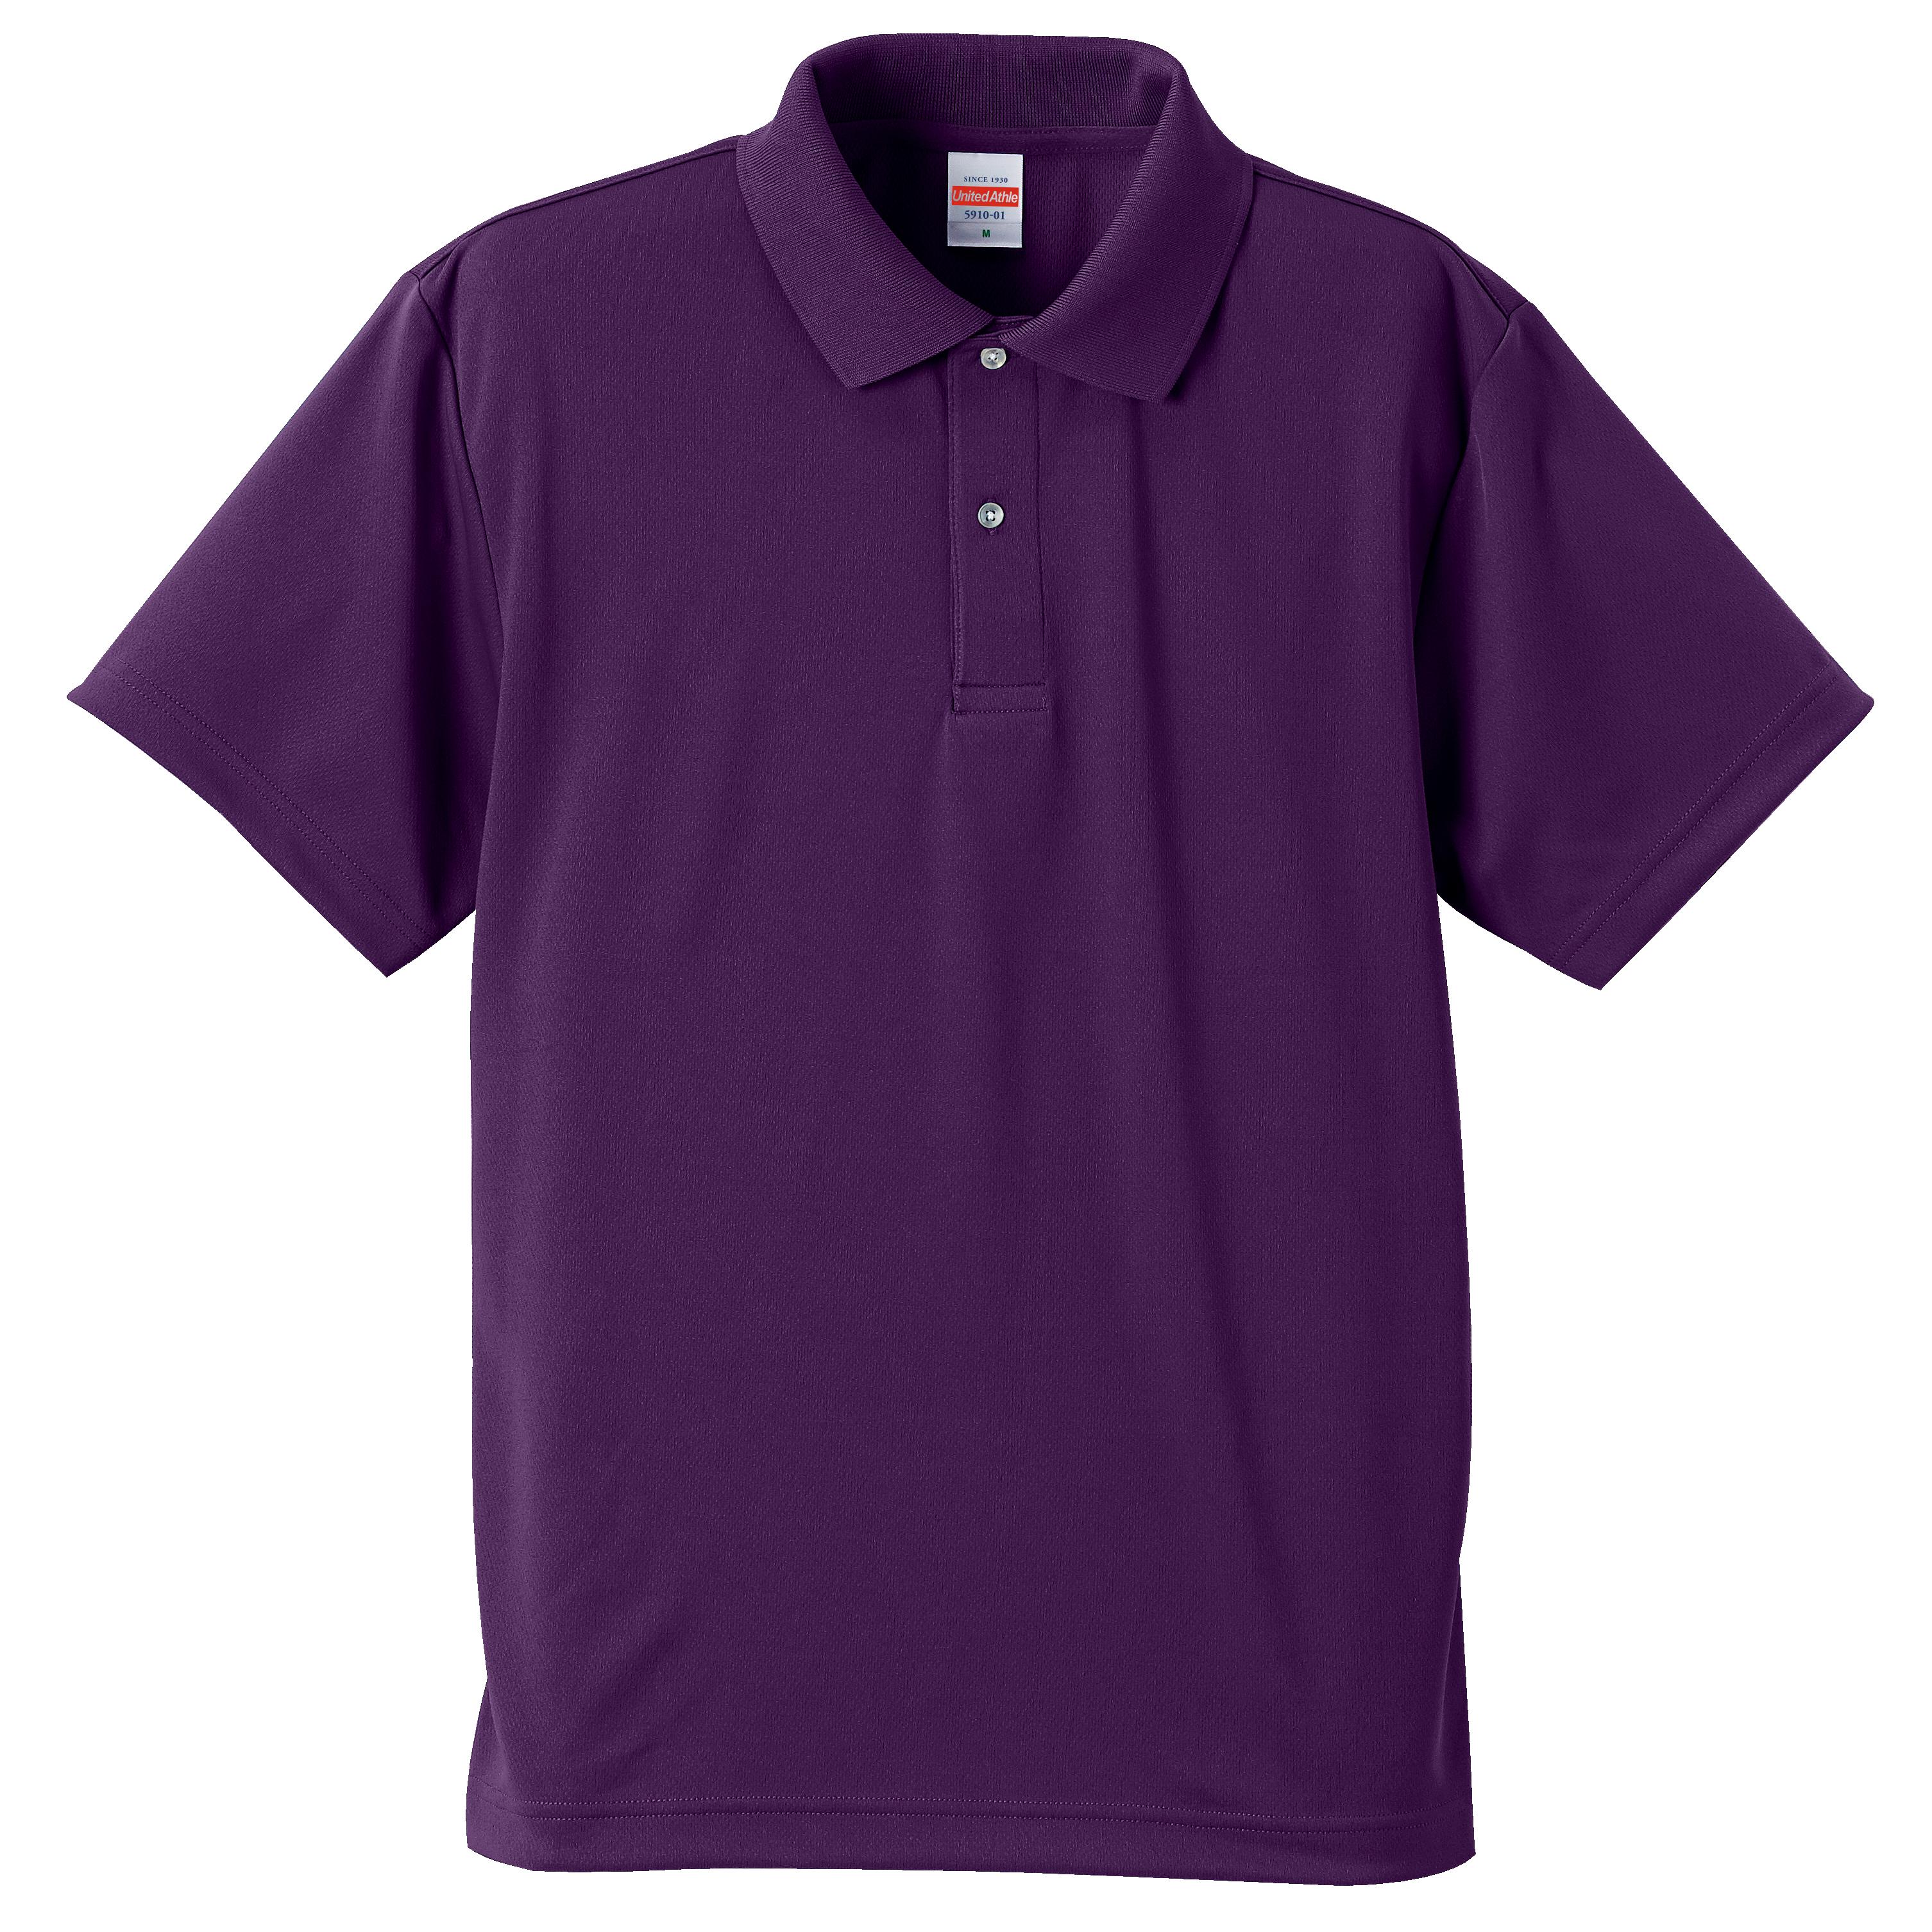 4.1オンスドライアスレチックのポロシャツ(パープル)